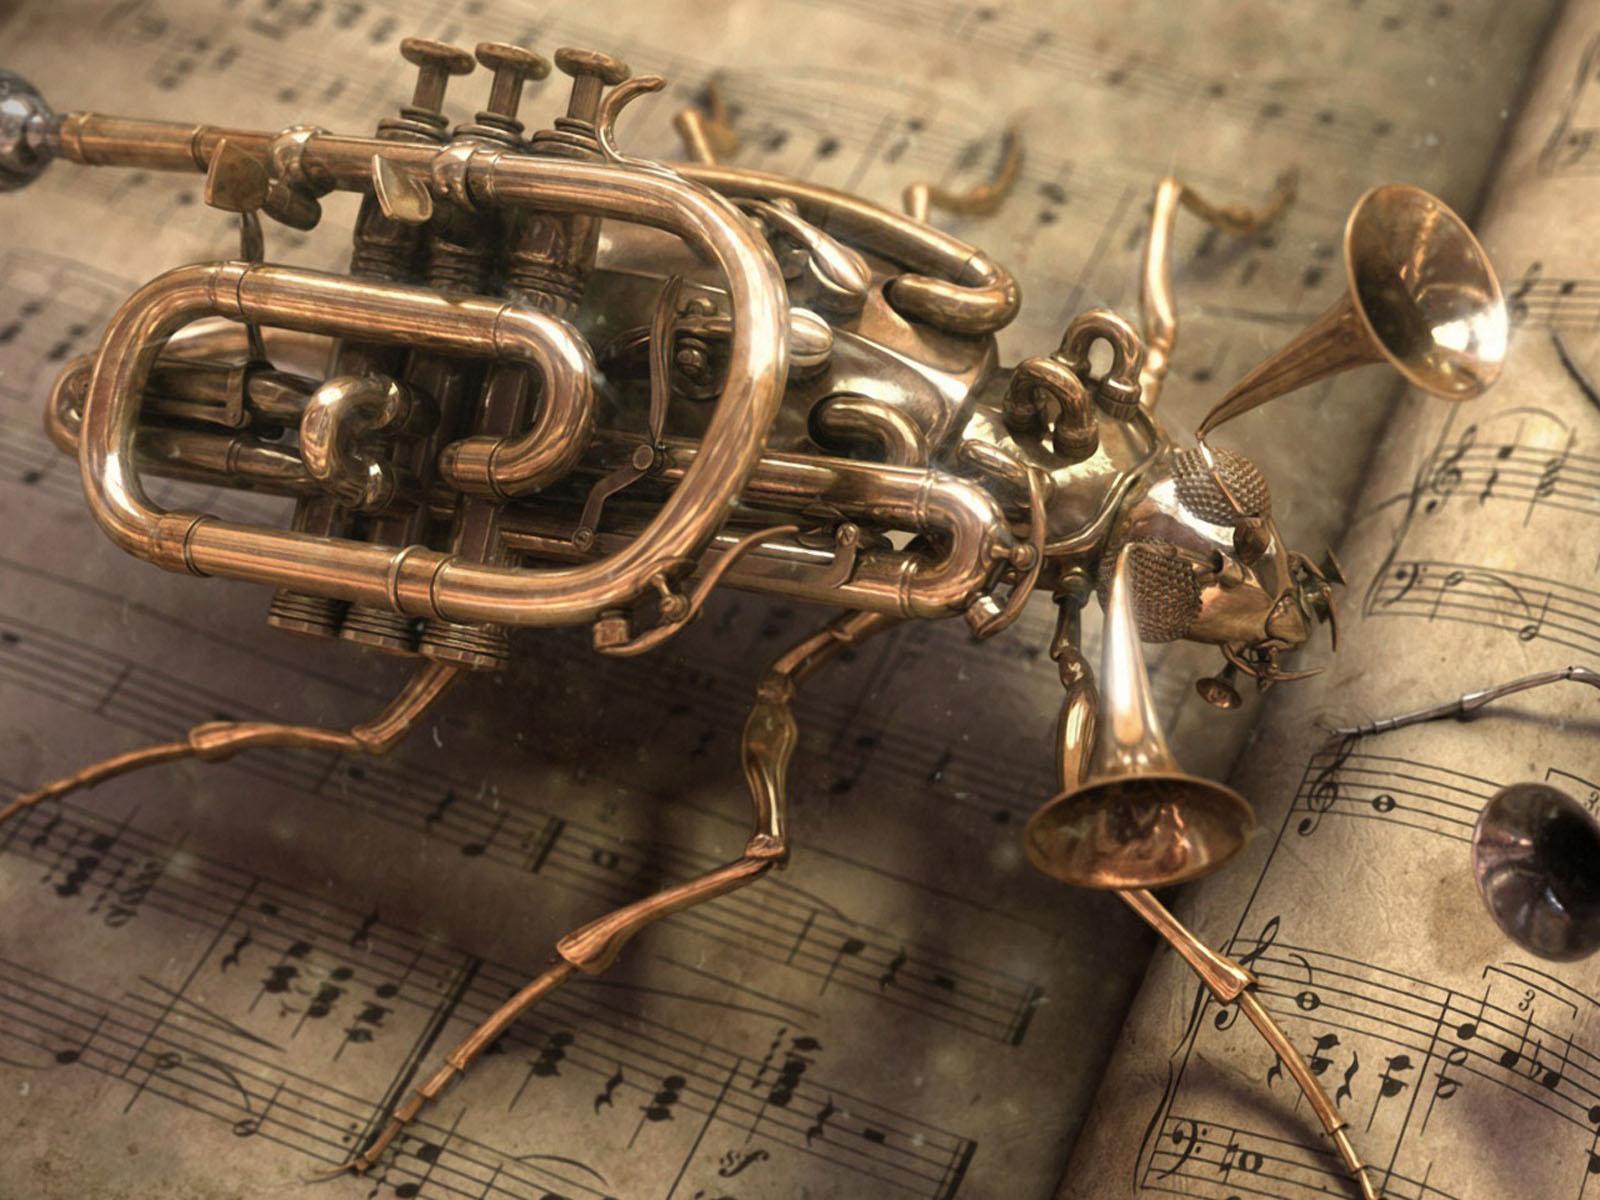 http://4.bp.blogspot.com/-FYR8UHnkbQI/T6Foq6Lym_I/AAAAAAAACWQ/AyQgLqOSPpw/s1600/Music+Beetle.jpg